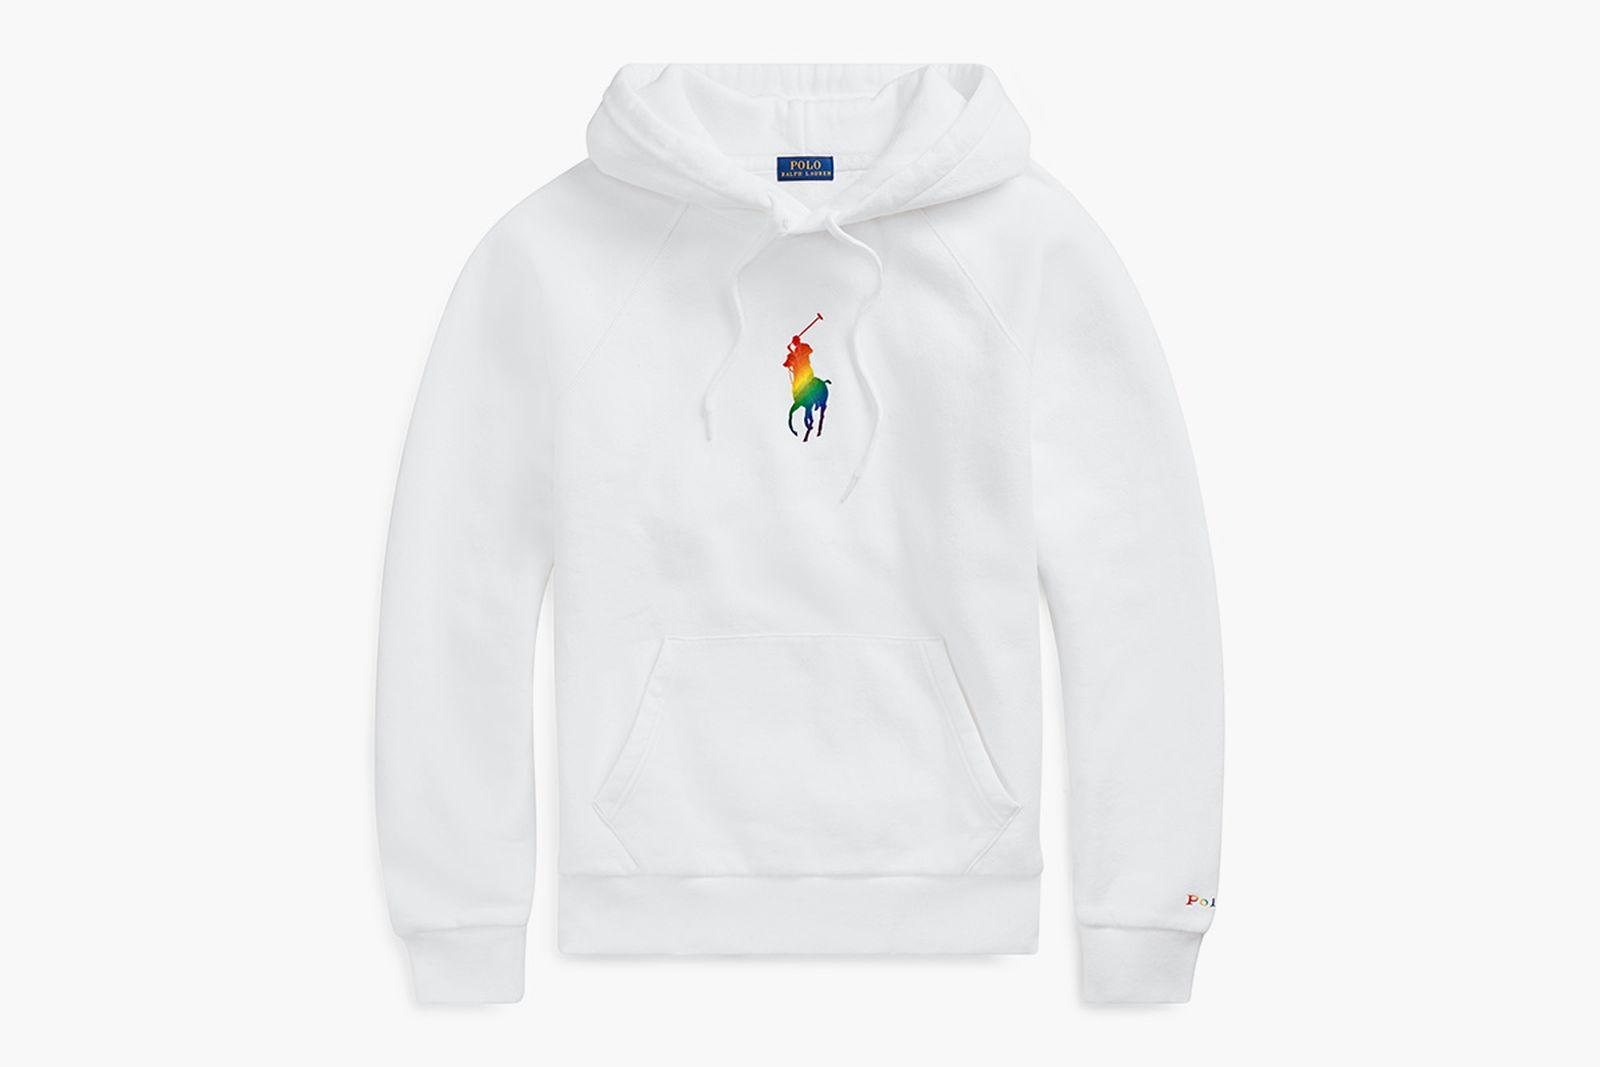 ralph lauren pride 2019 collection